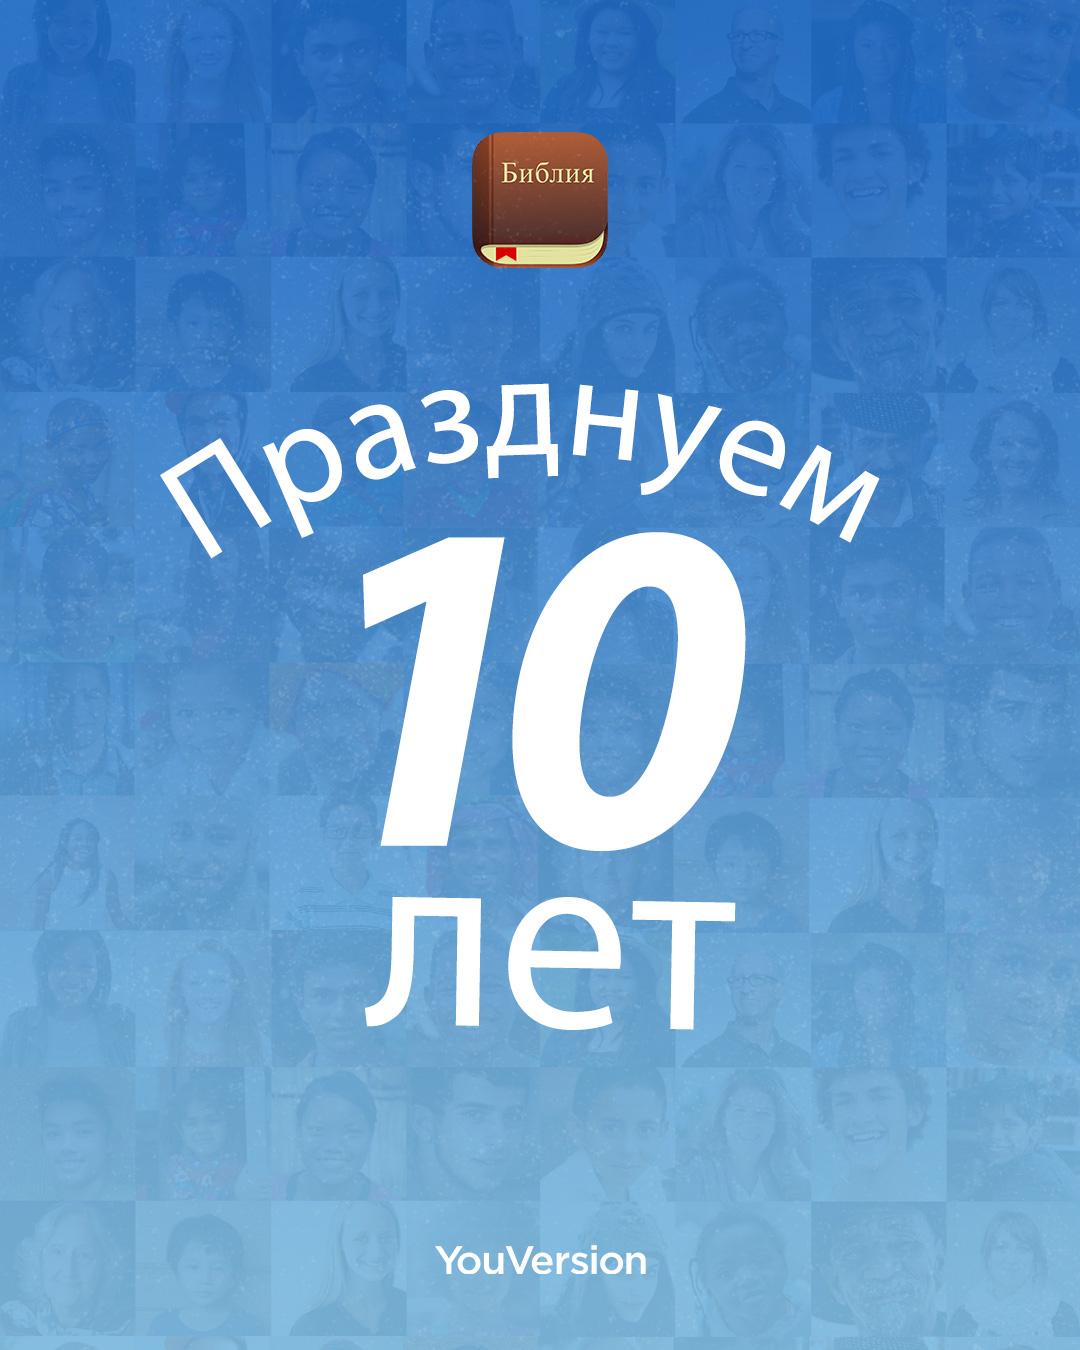 Празднование 10-летия приложения Библия